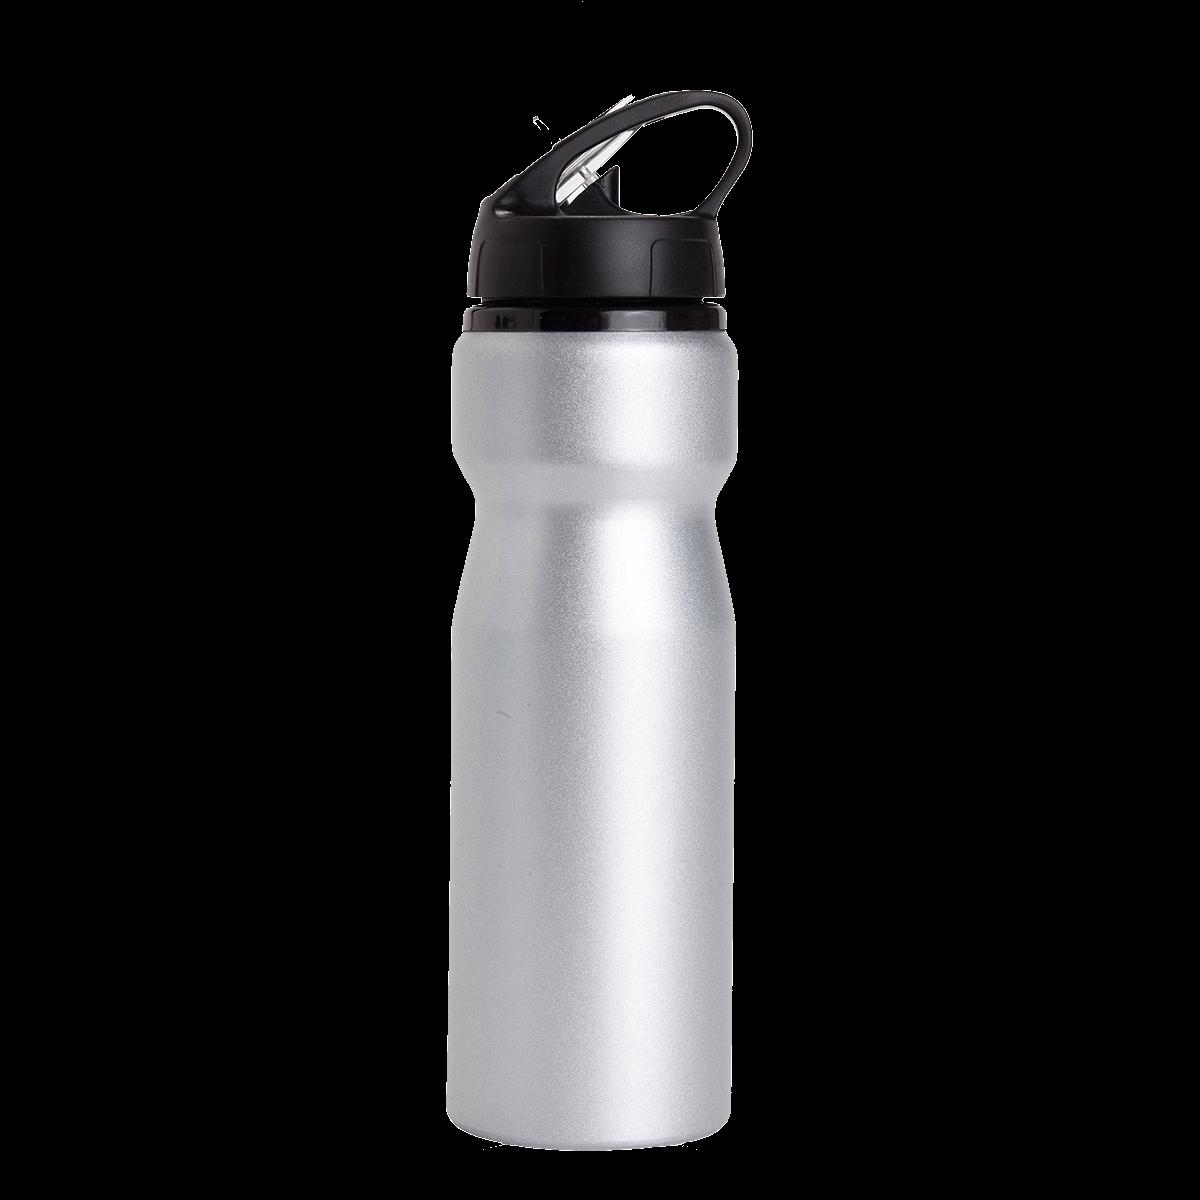 בקבוק שתייה עשוי אלומיניום עם פיה מתכווננת